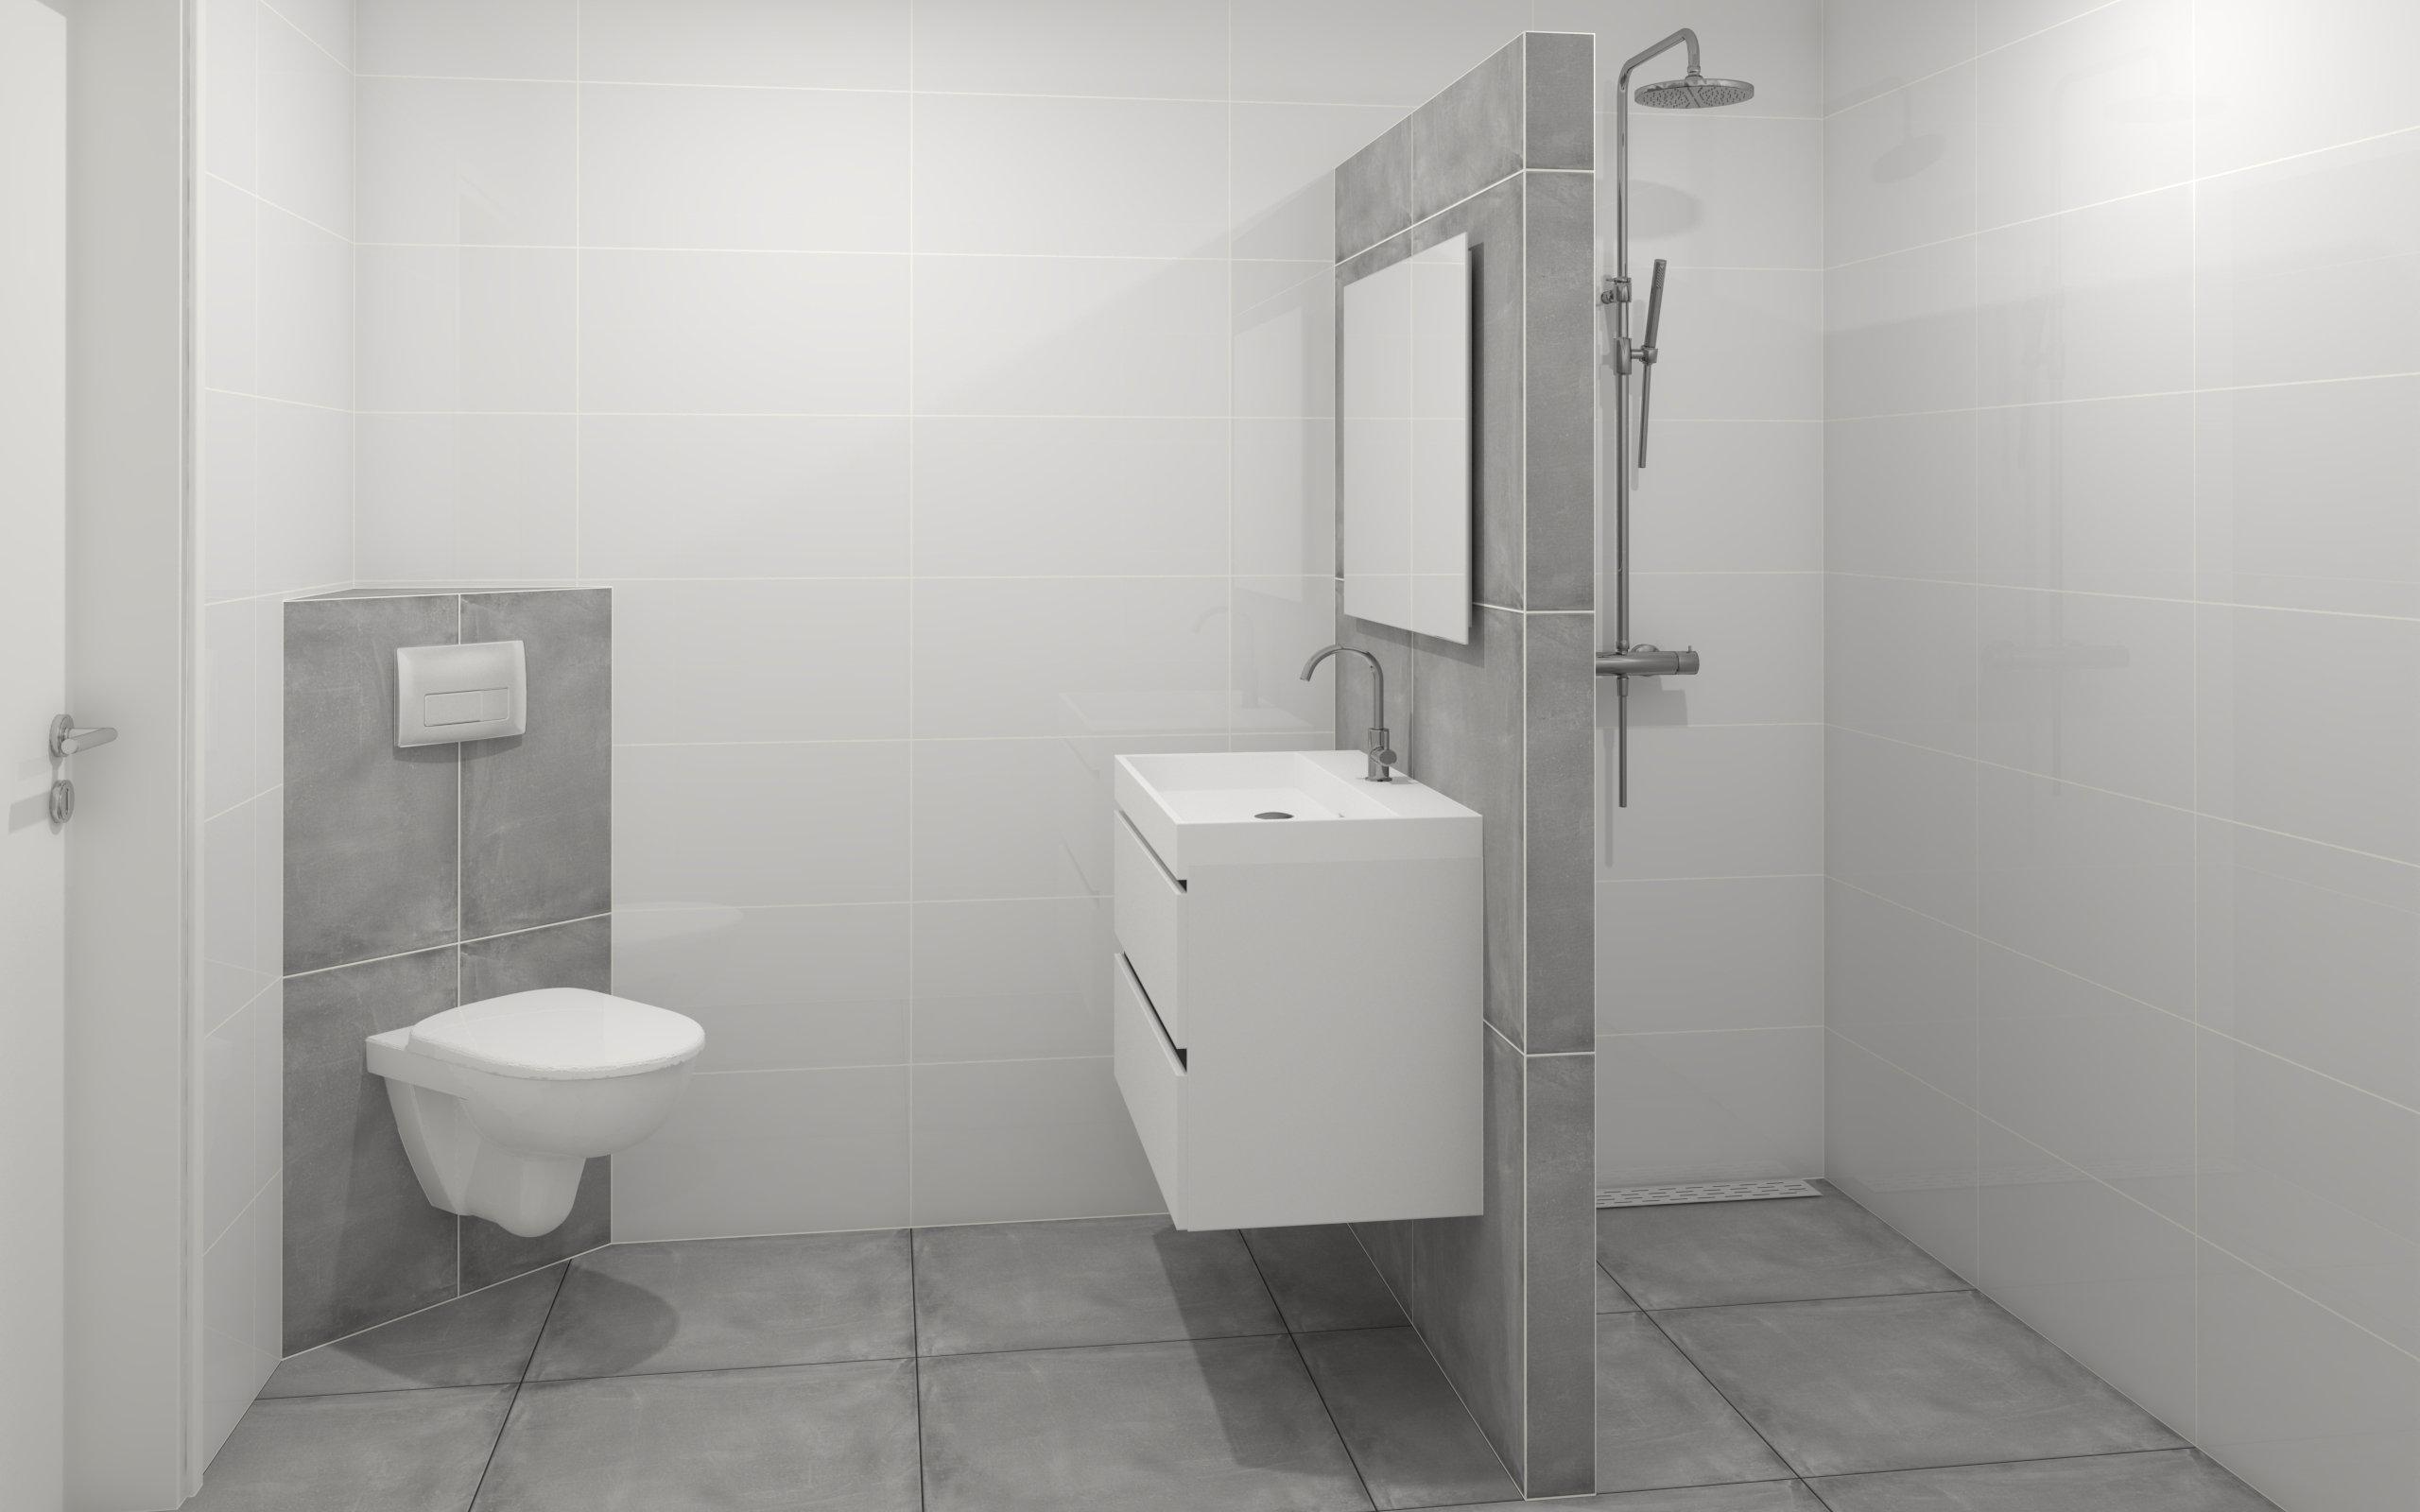 Complete Badkamer Kopen Inclusief Montage Douchezaak Nl